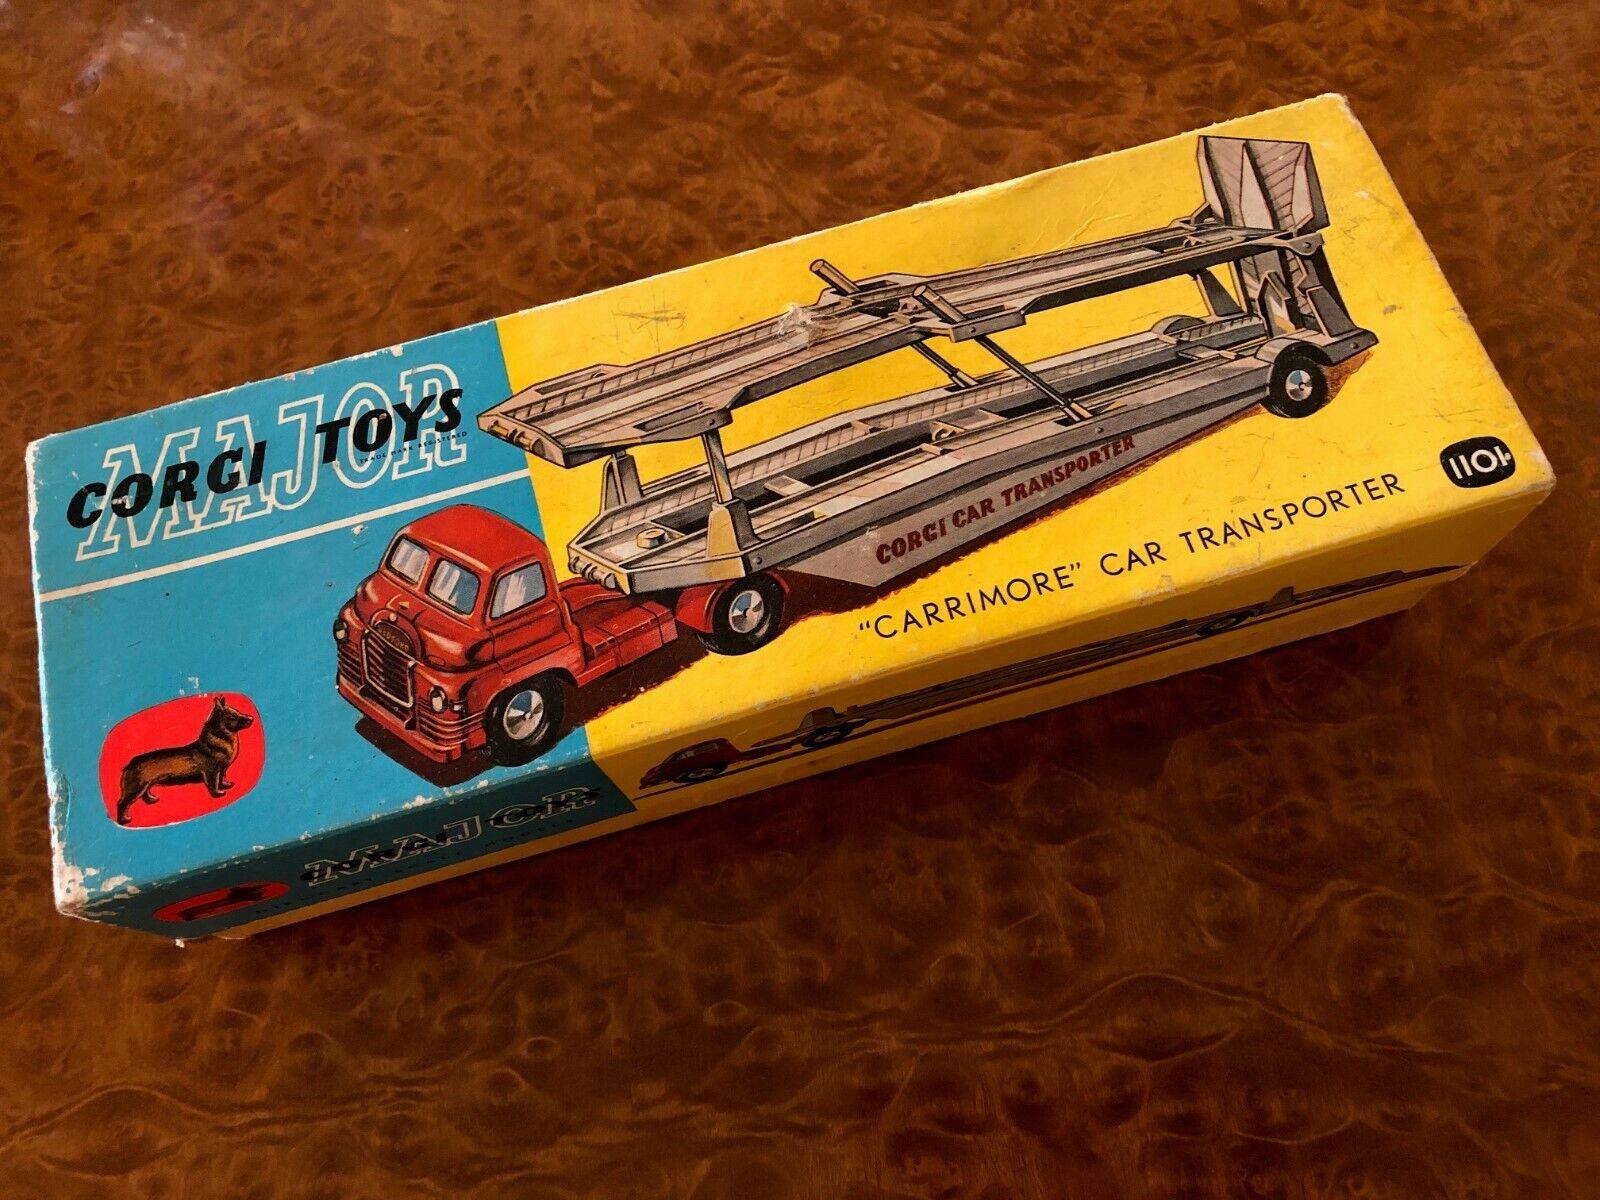 Vintage Corgi Toys Major   MIB   Carrimore Car Transporter   No. 1101